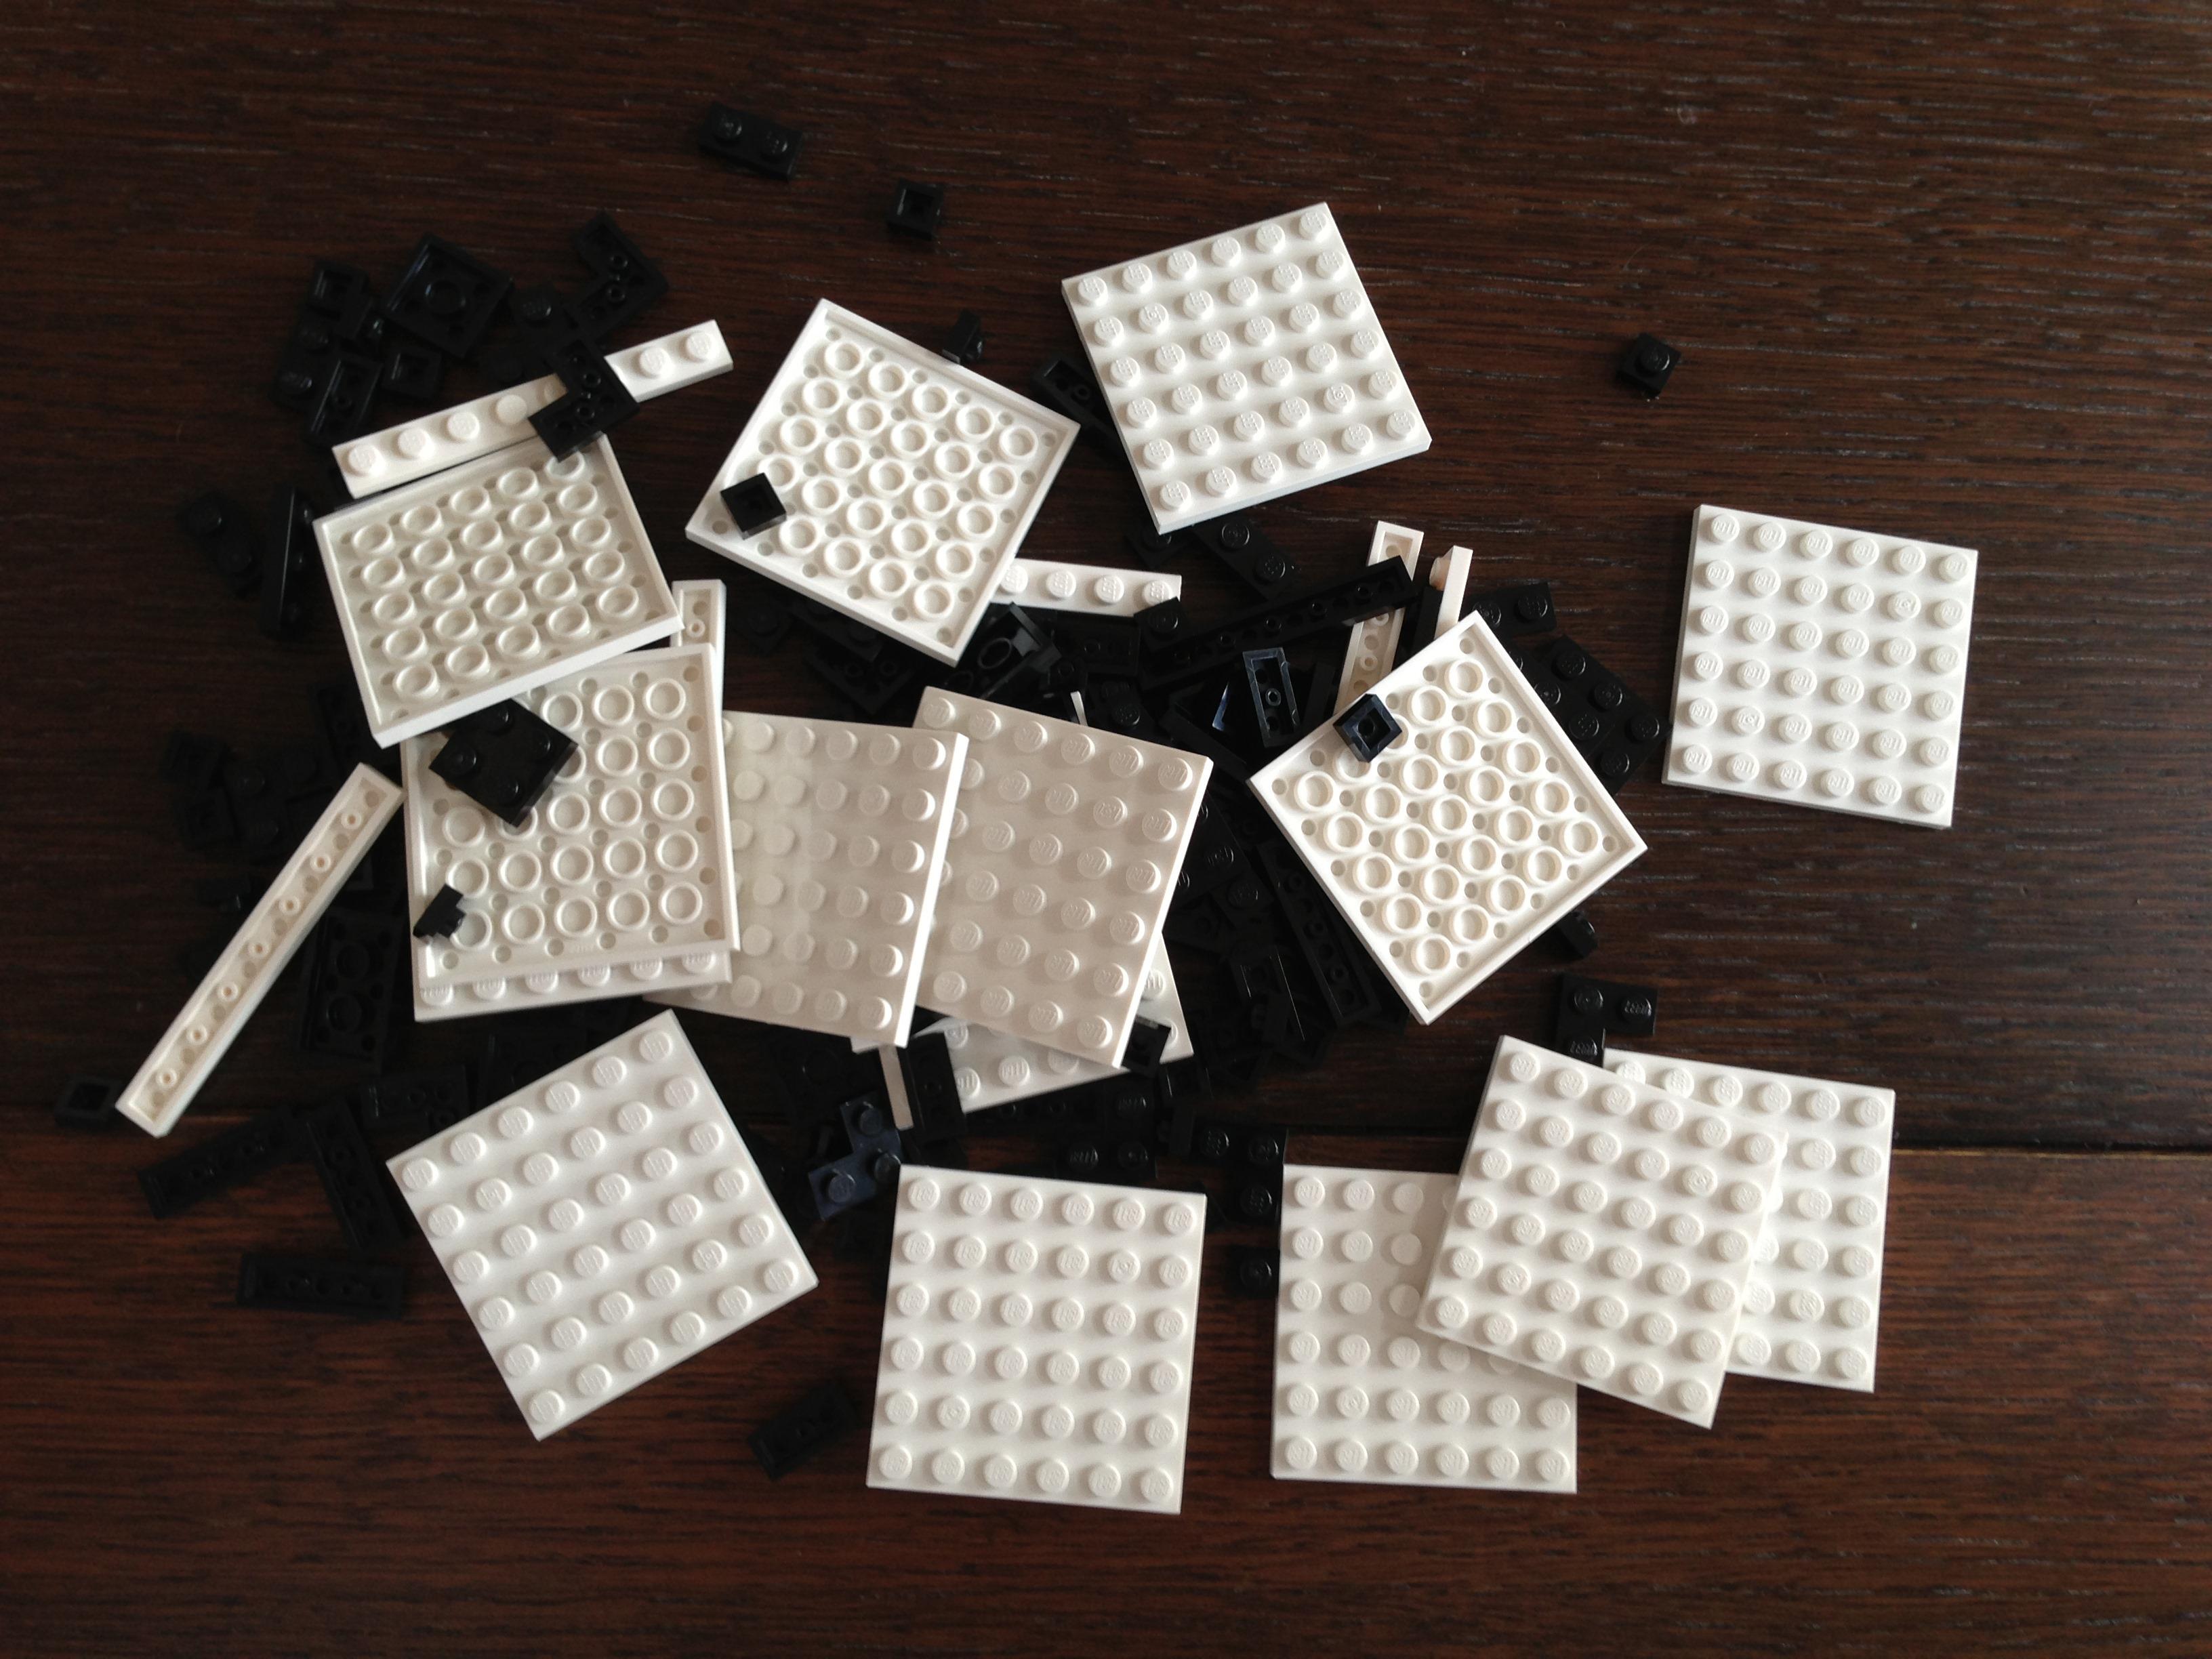 Lego QR 5